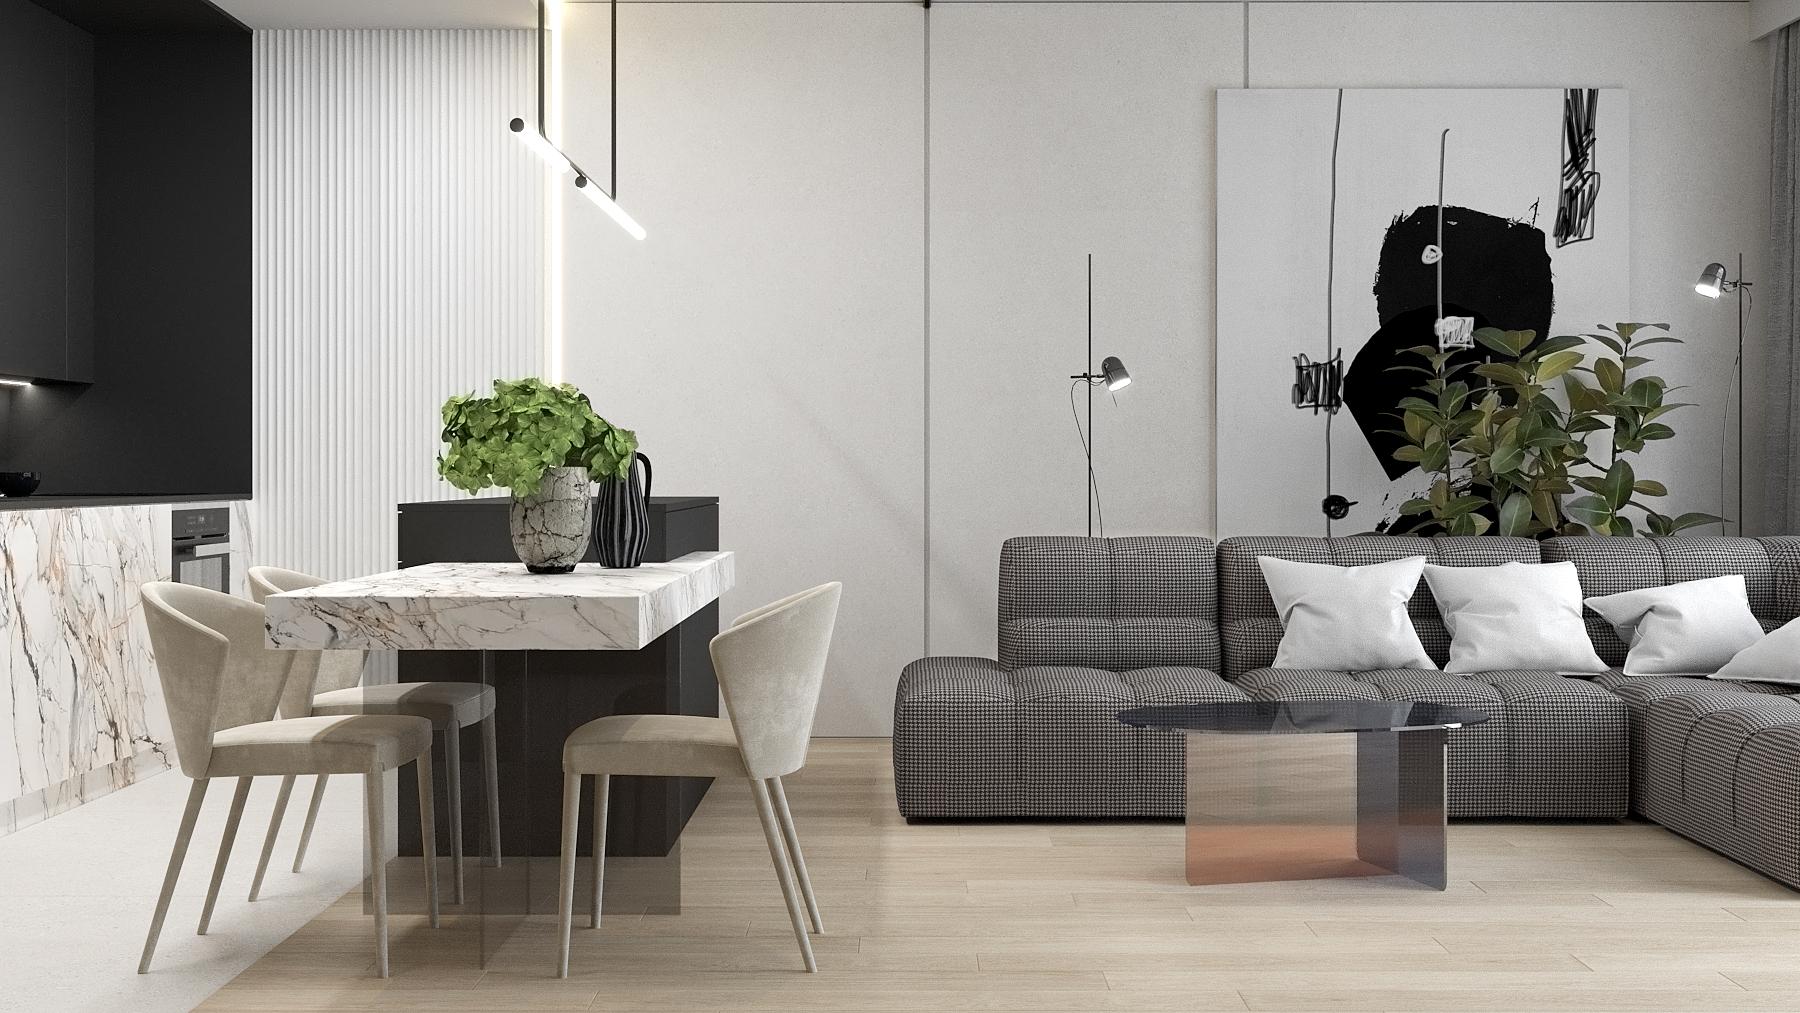 4 aranzacja wnetrz M523 mieszkanie Chorzow salon z kuchnia kamienny blat kammienne fornty duza sofa narozna stol polaczony z wyspa kuchenna